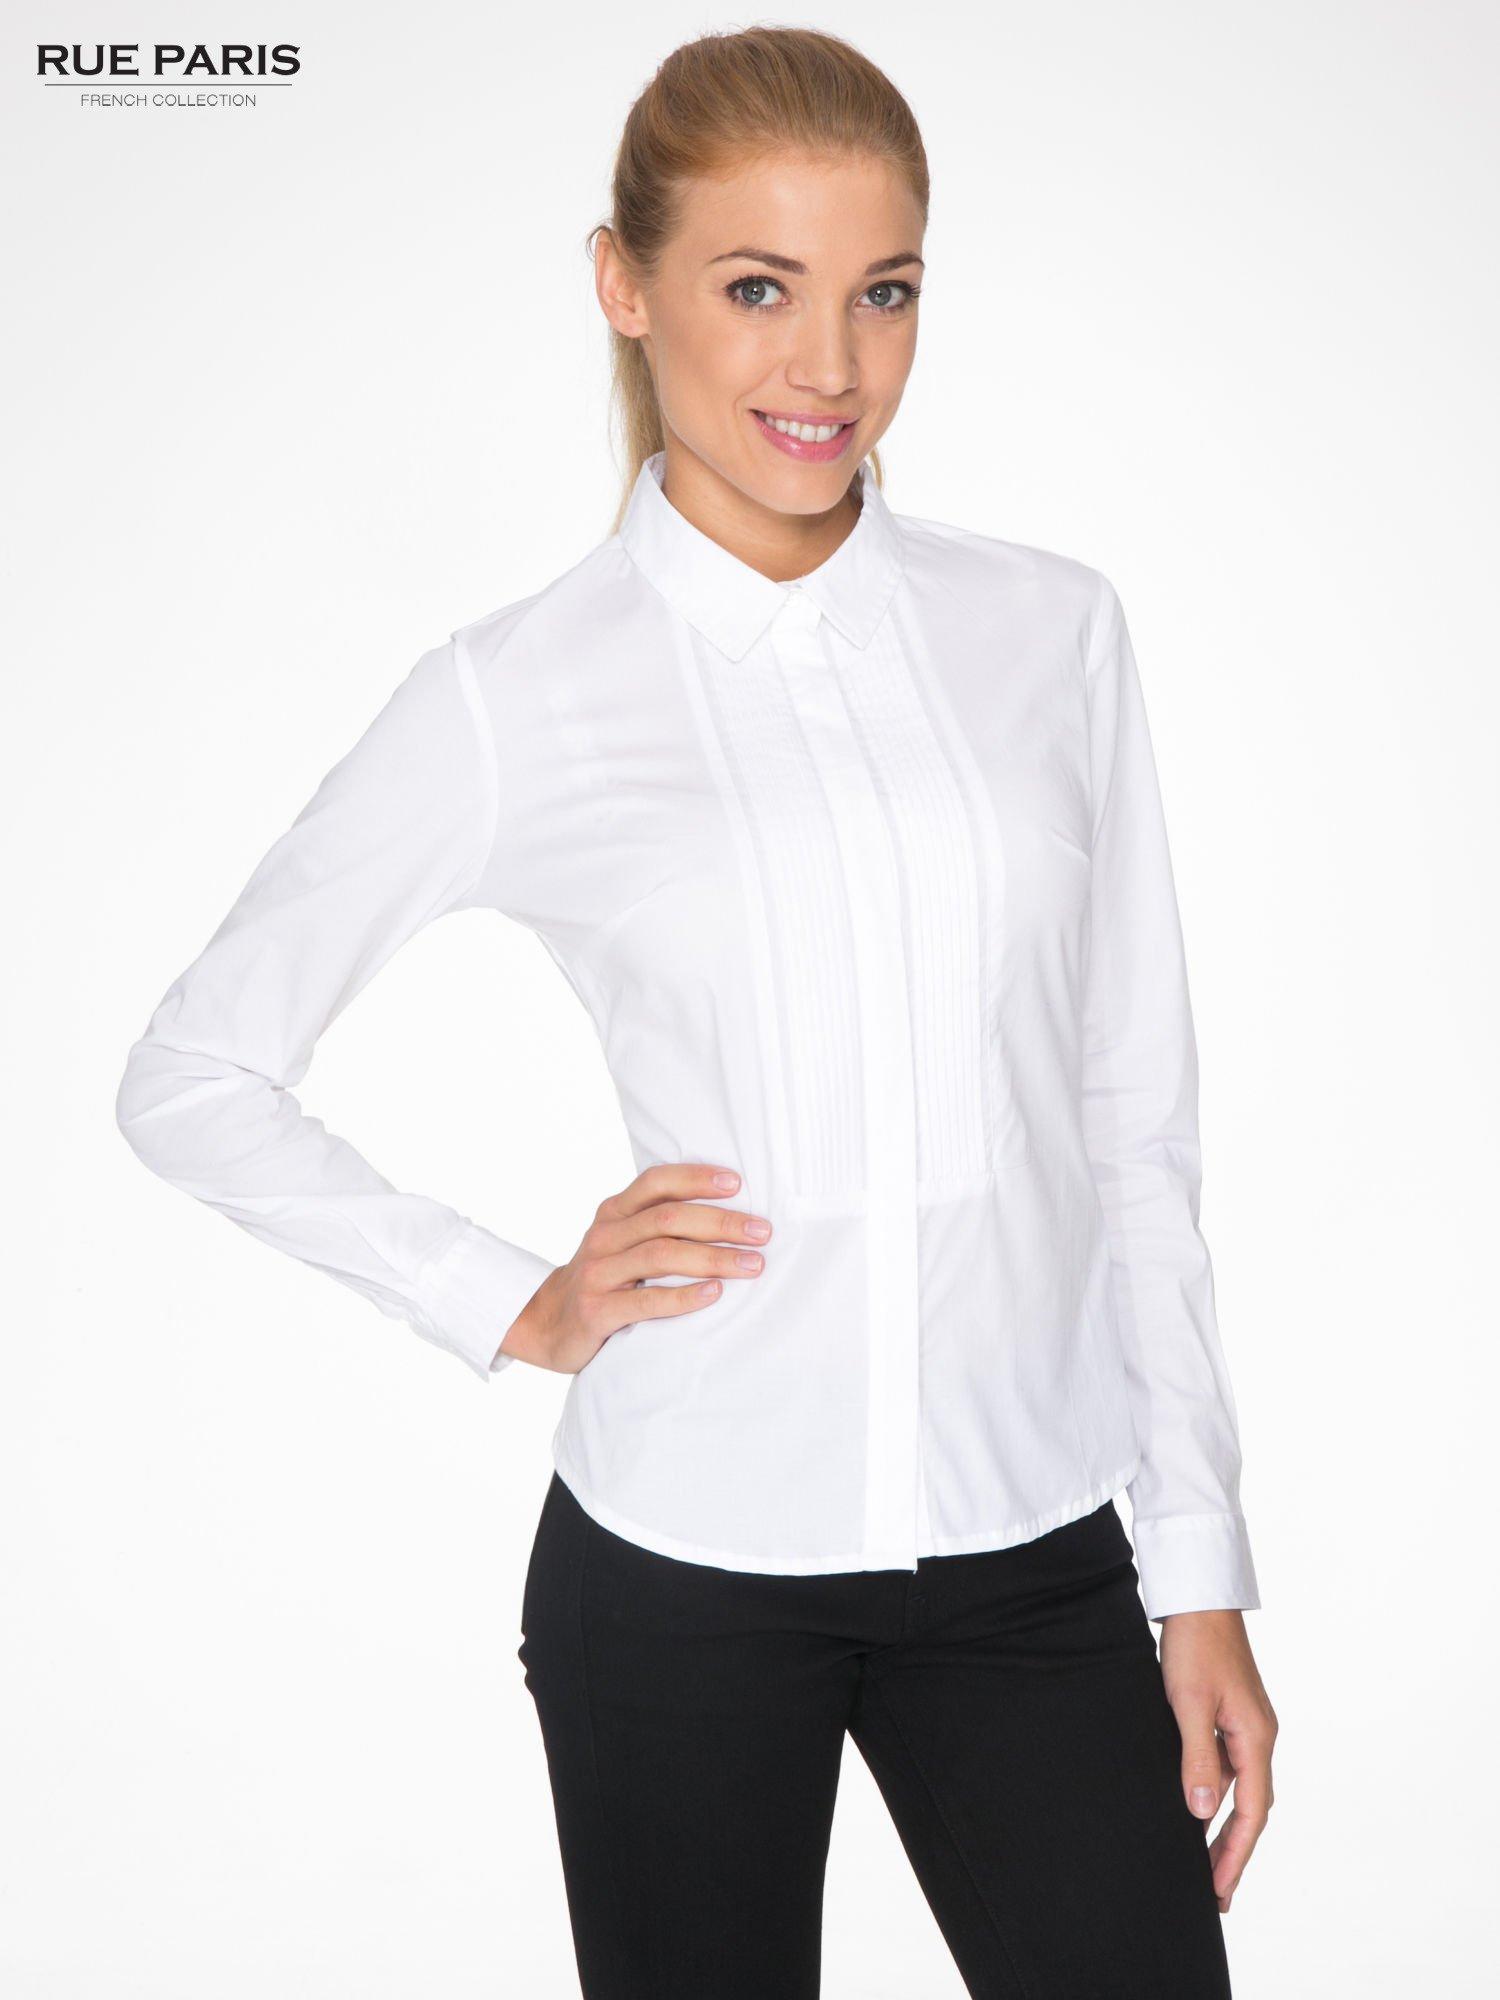 Niesamowite Biała elegancka koszula damska z marszczonym przodem - Koszula NF33